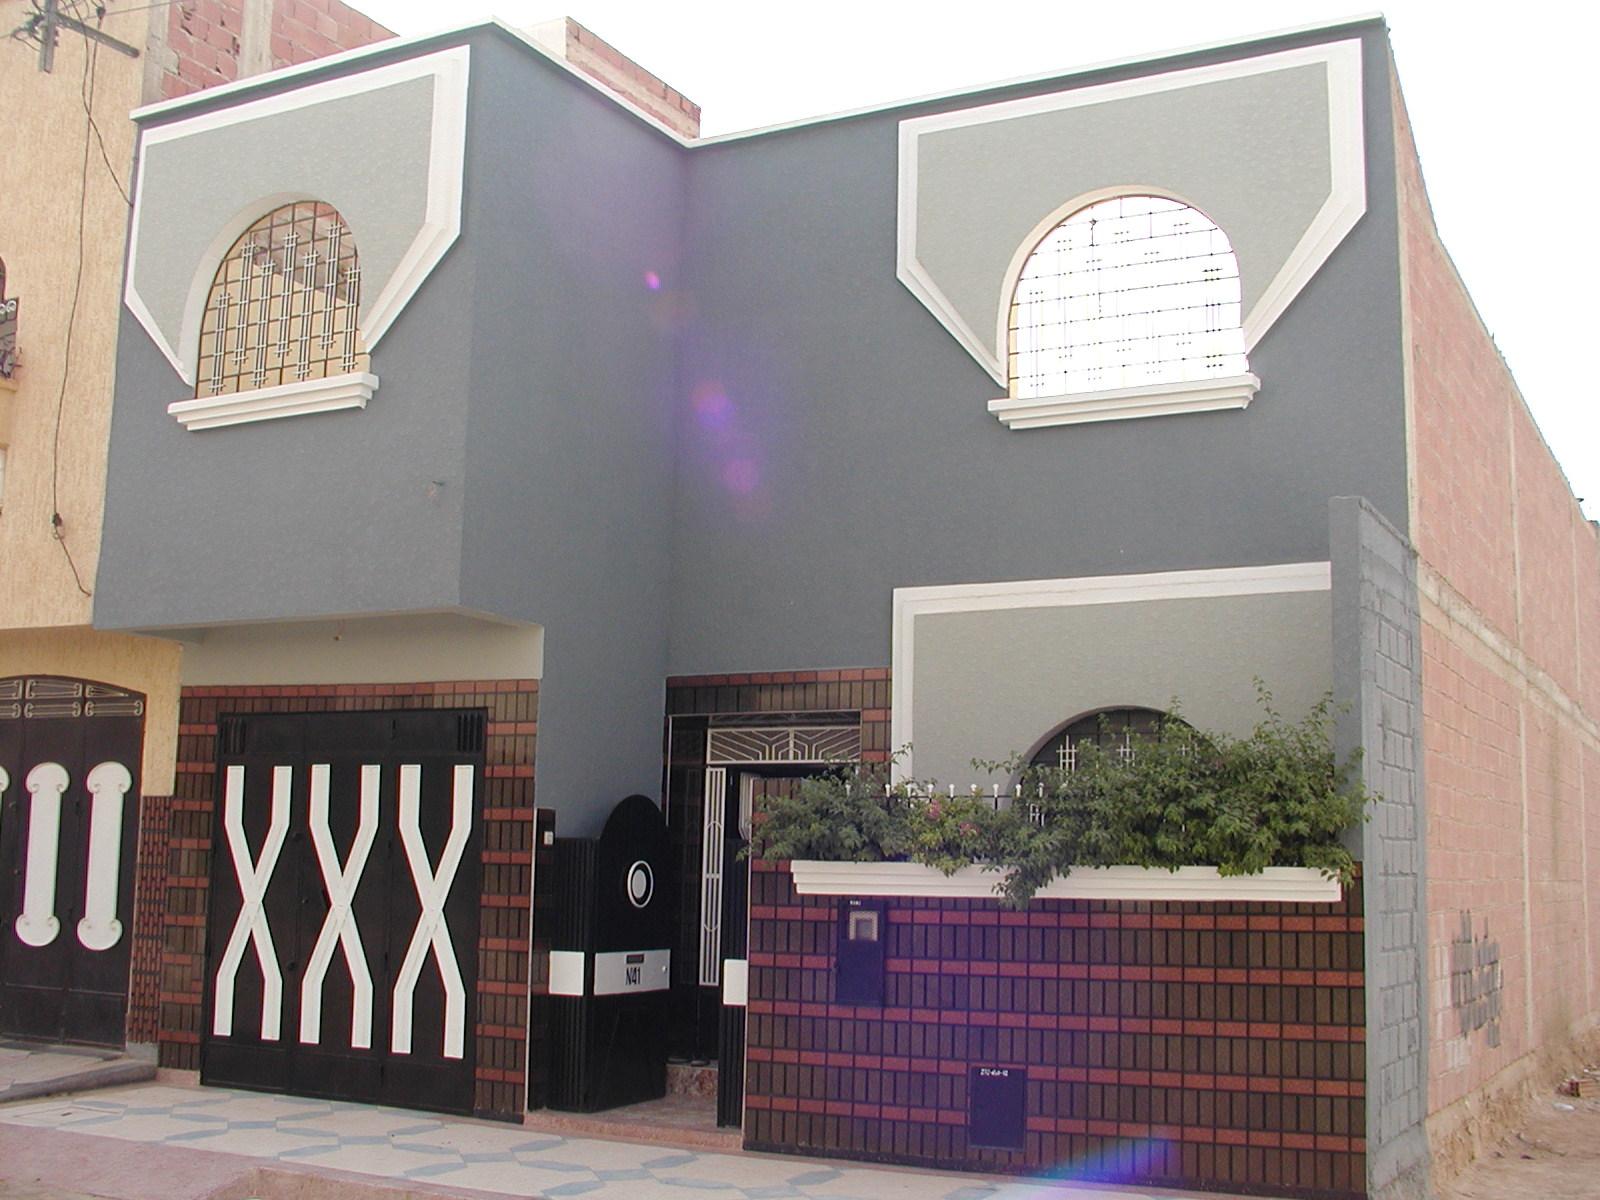 #866245 Immobilier à Vendre à Oujda Maroc Vente Immobilier à Oujda  3871 salle a manger pas cher au maroc 1600x1200 px @ aertt.com